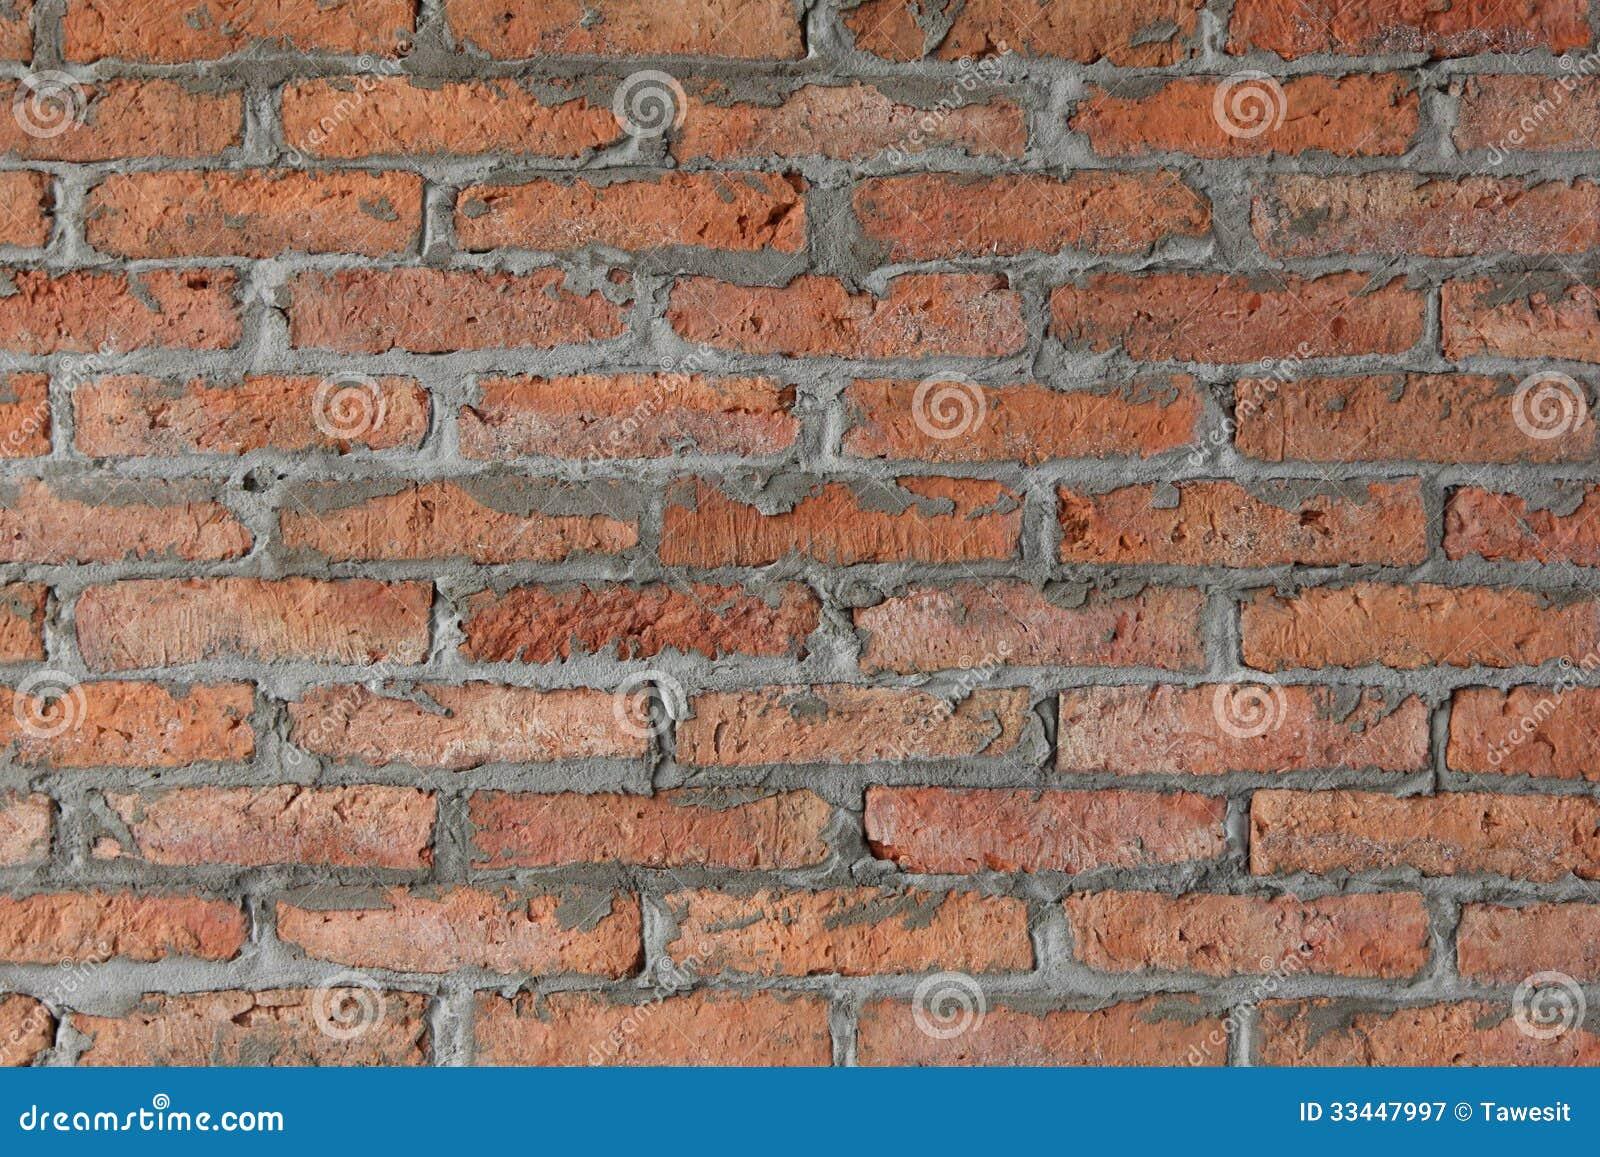 ... da Diritti: Carta da parati di struttura della parete di mattoni